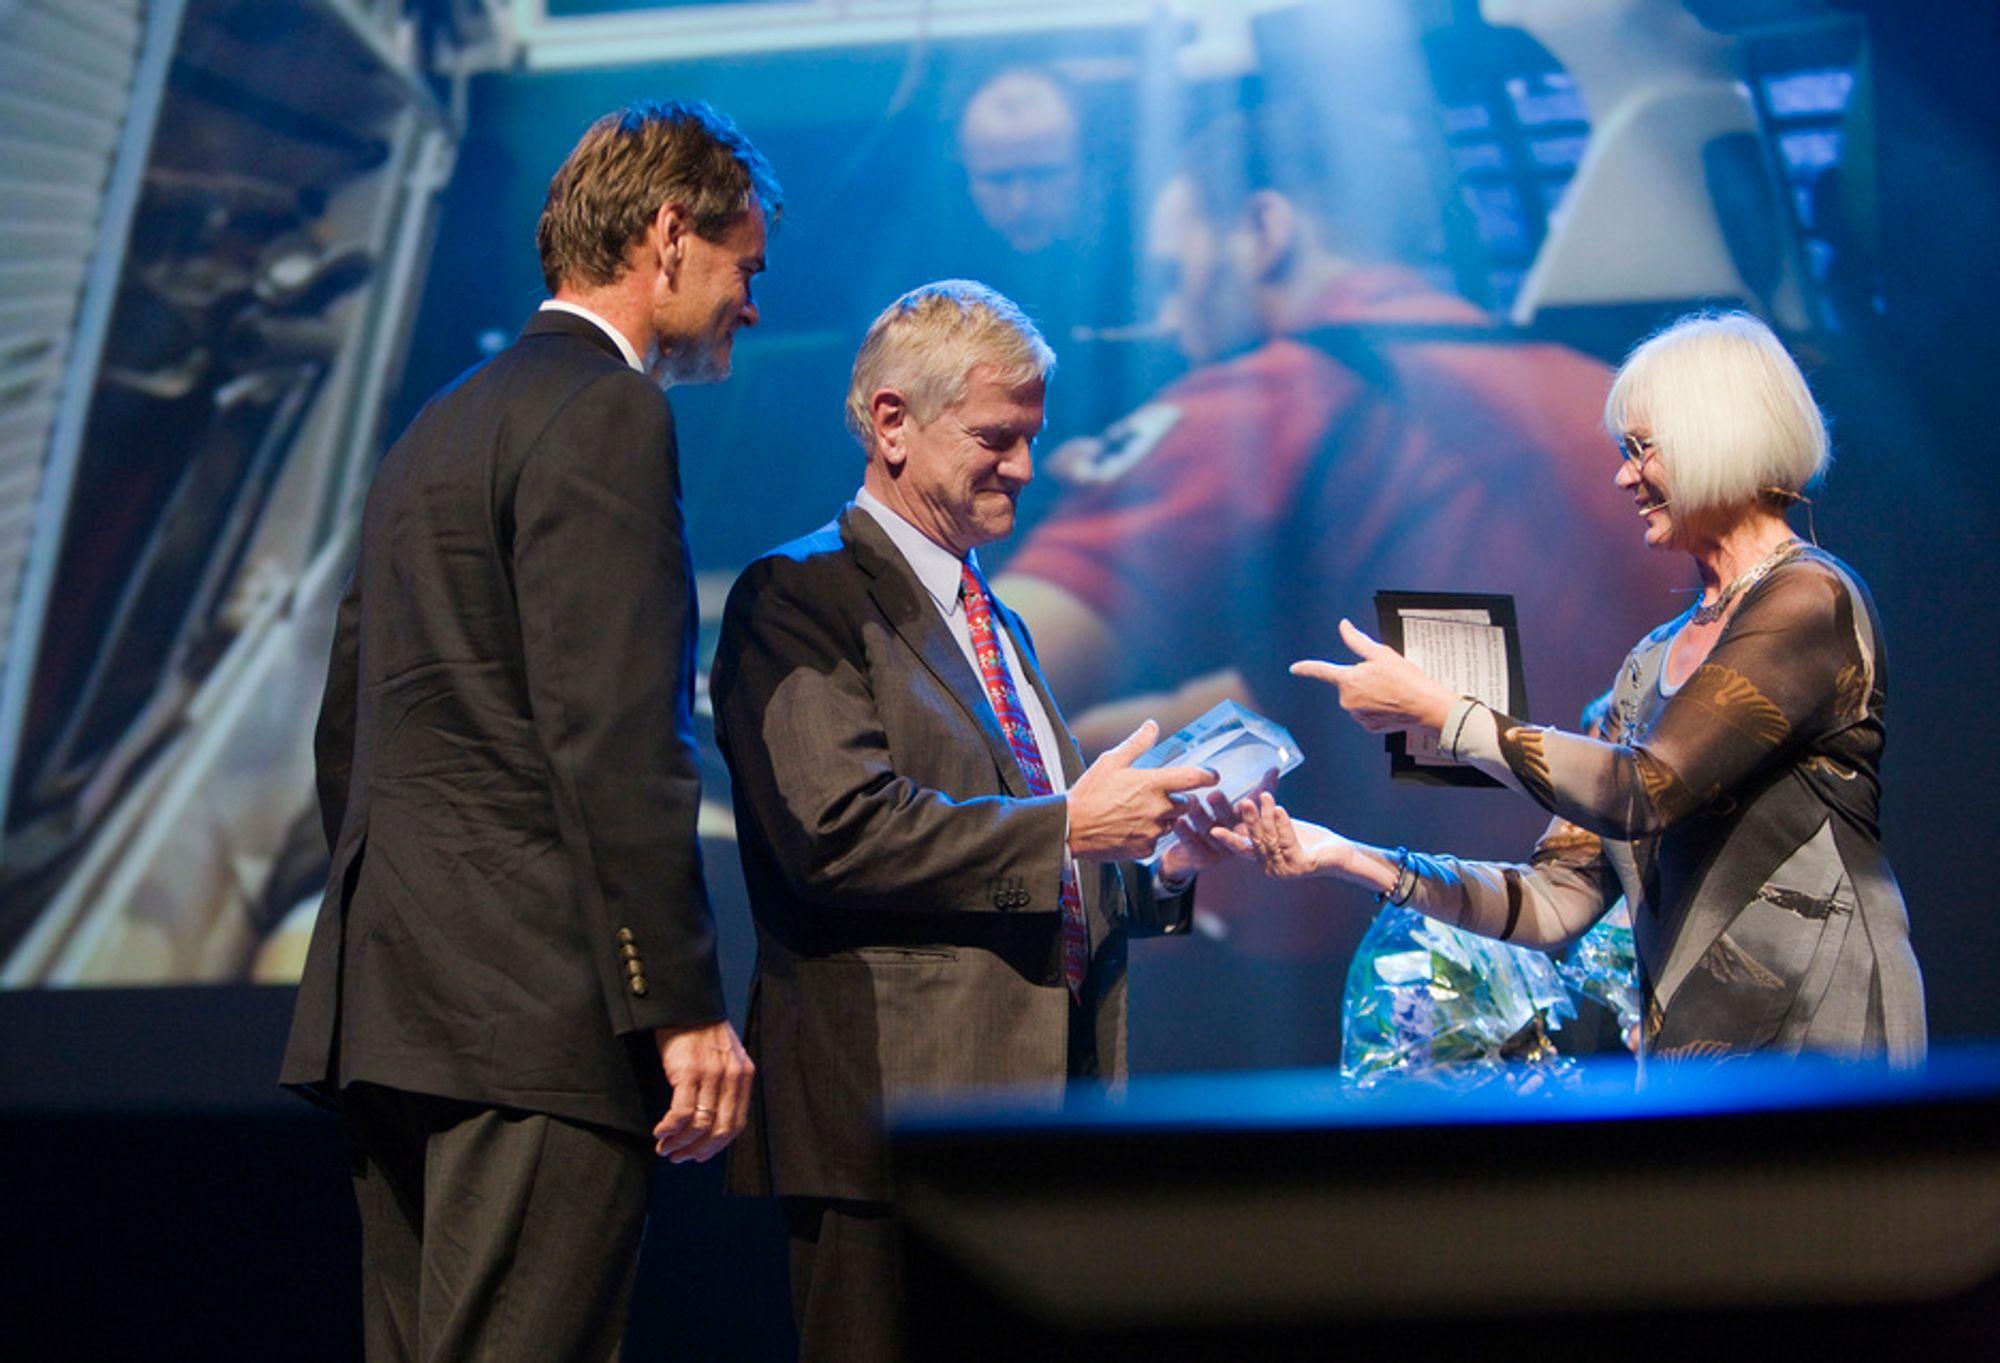 Forsknings- og høyere utdanningsminister Tora Aasland overrekker prisen til Laerdals styreleder Tore Lærdal (midten) og administrerende direktør Tor Morten Osmundsen.